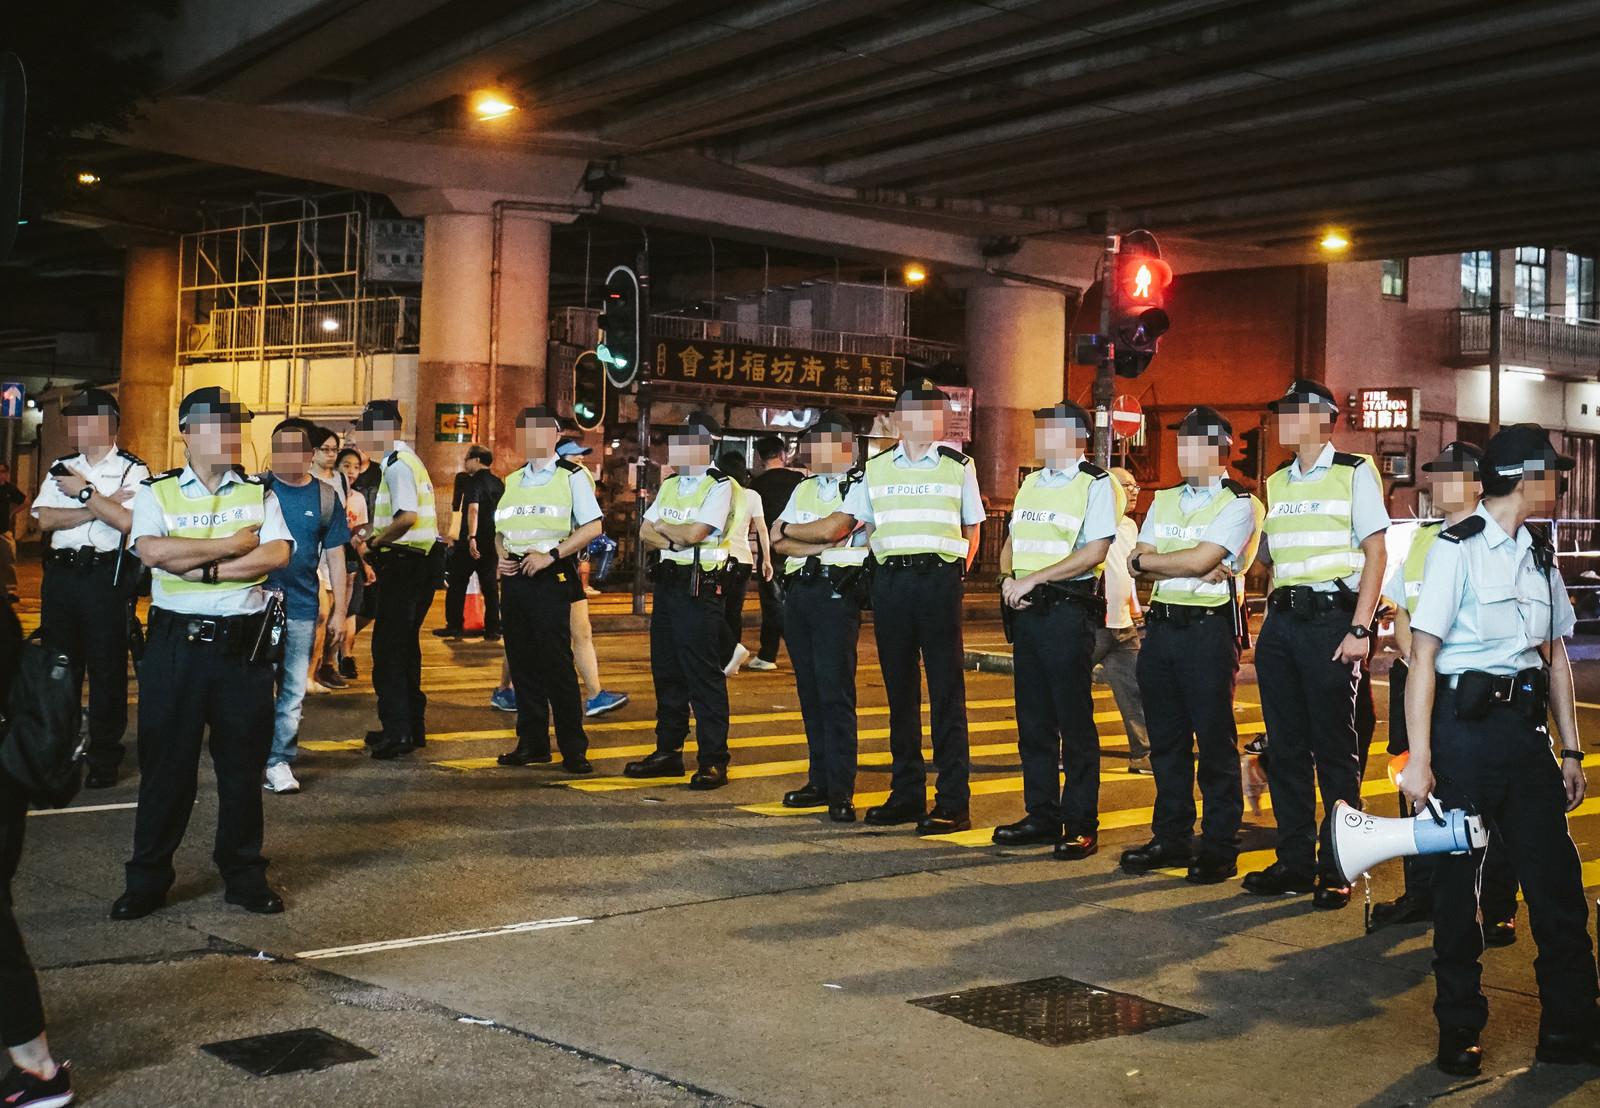 「香港デモで道を塞ぐ警察官」の写真